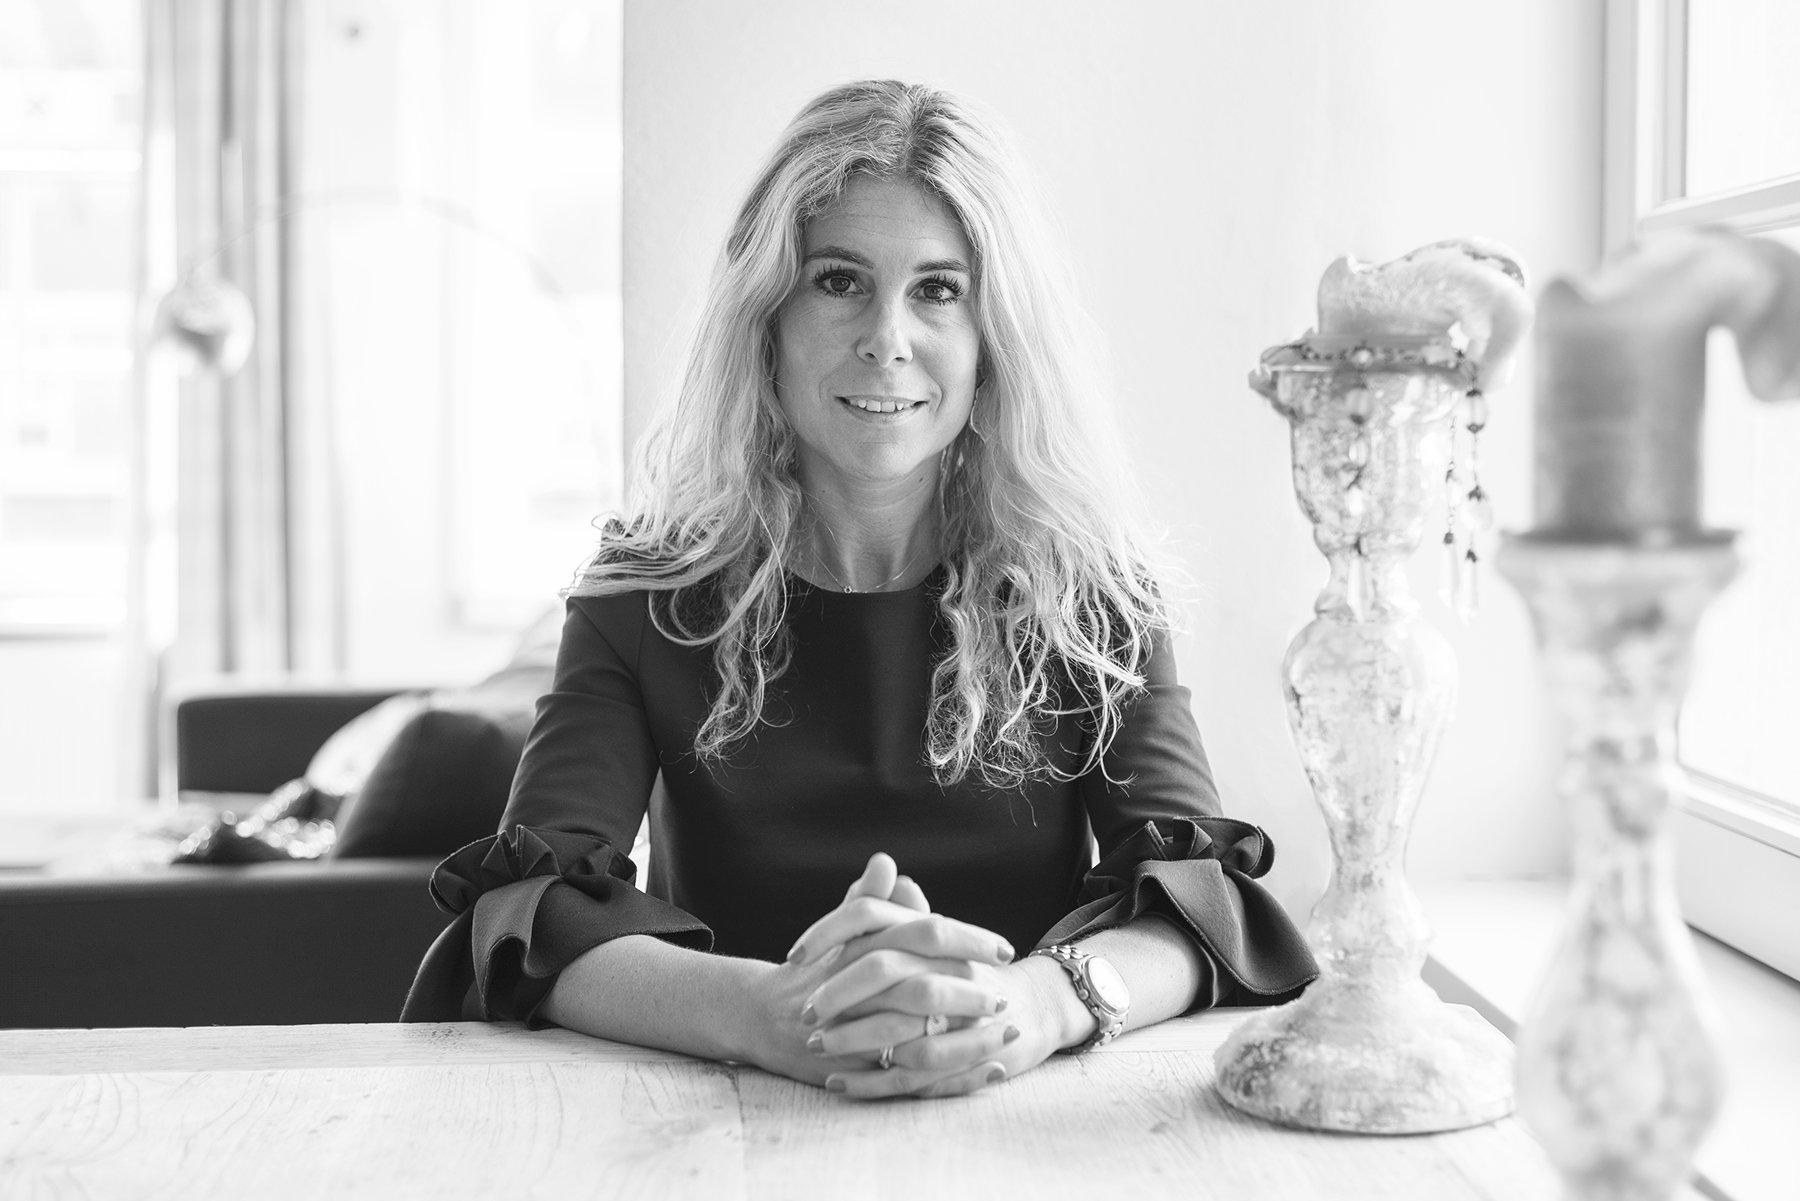 Mantelzorger In Beeld – Minke Van Der Deure Zorgt Voor Haar Vader Bram Van Der Deure